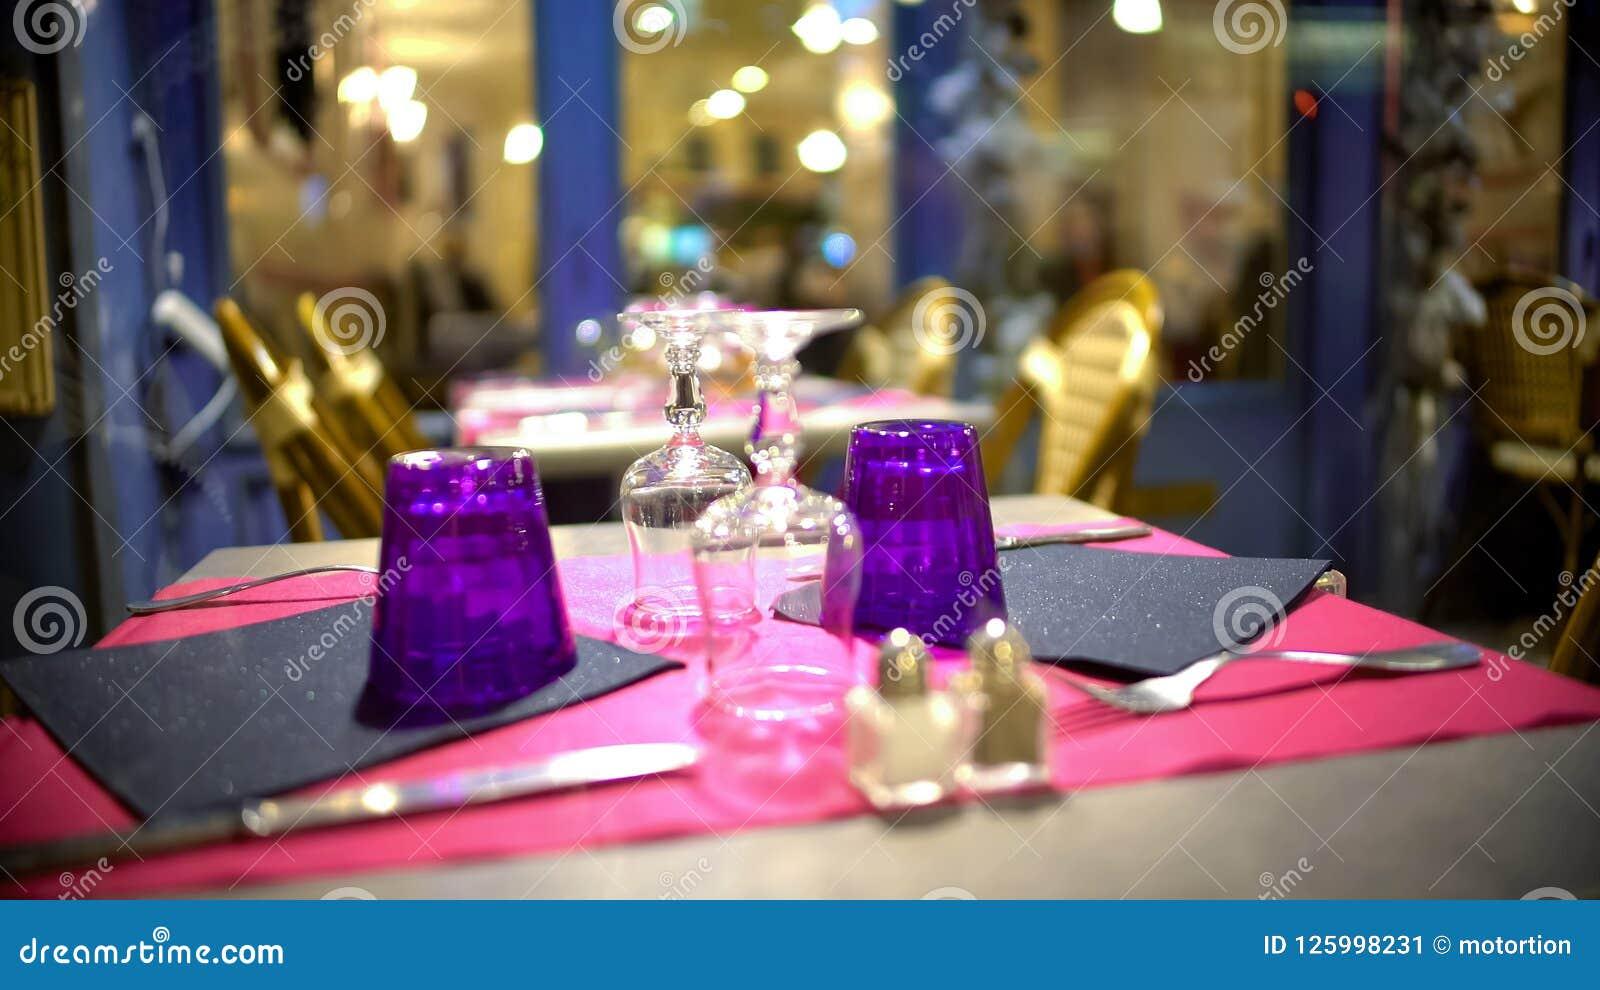 Vetri capovolti sulla tavola alla moda servita in ristorante moderno, primo piano